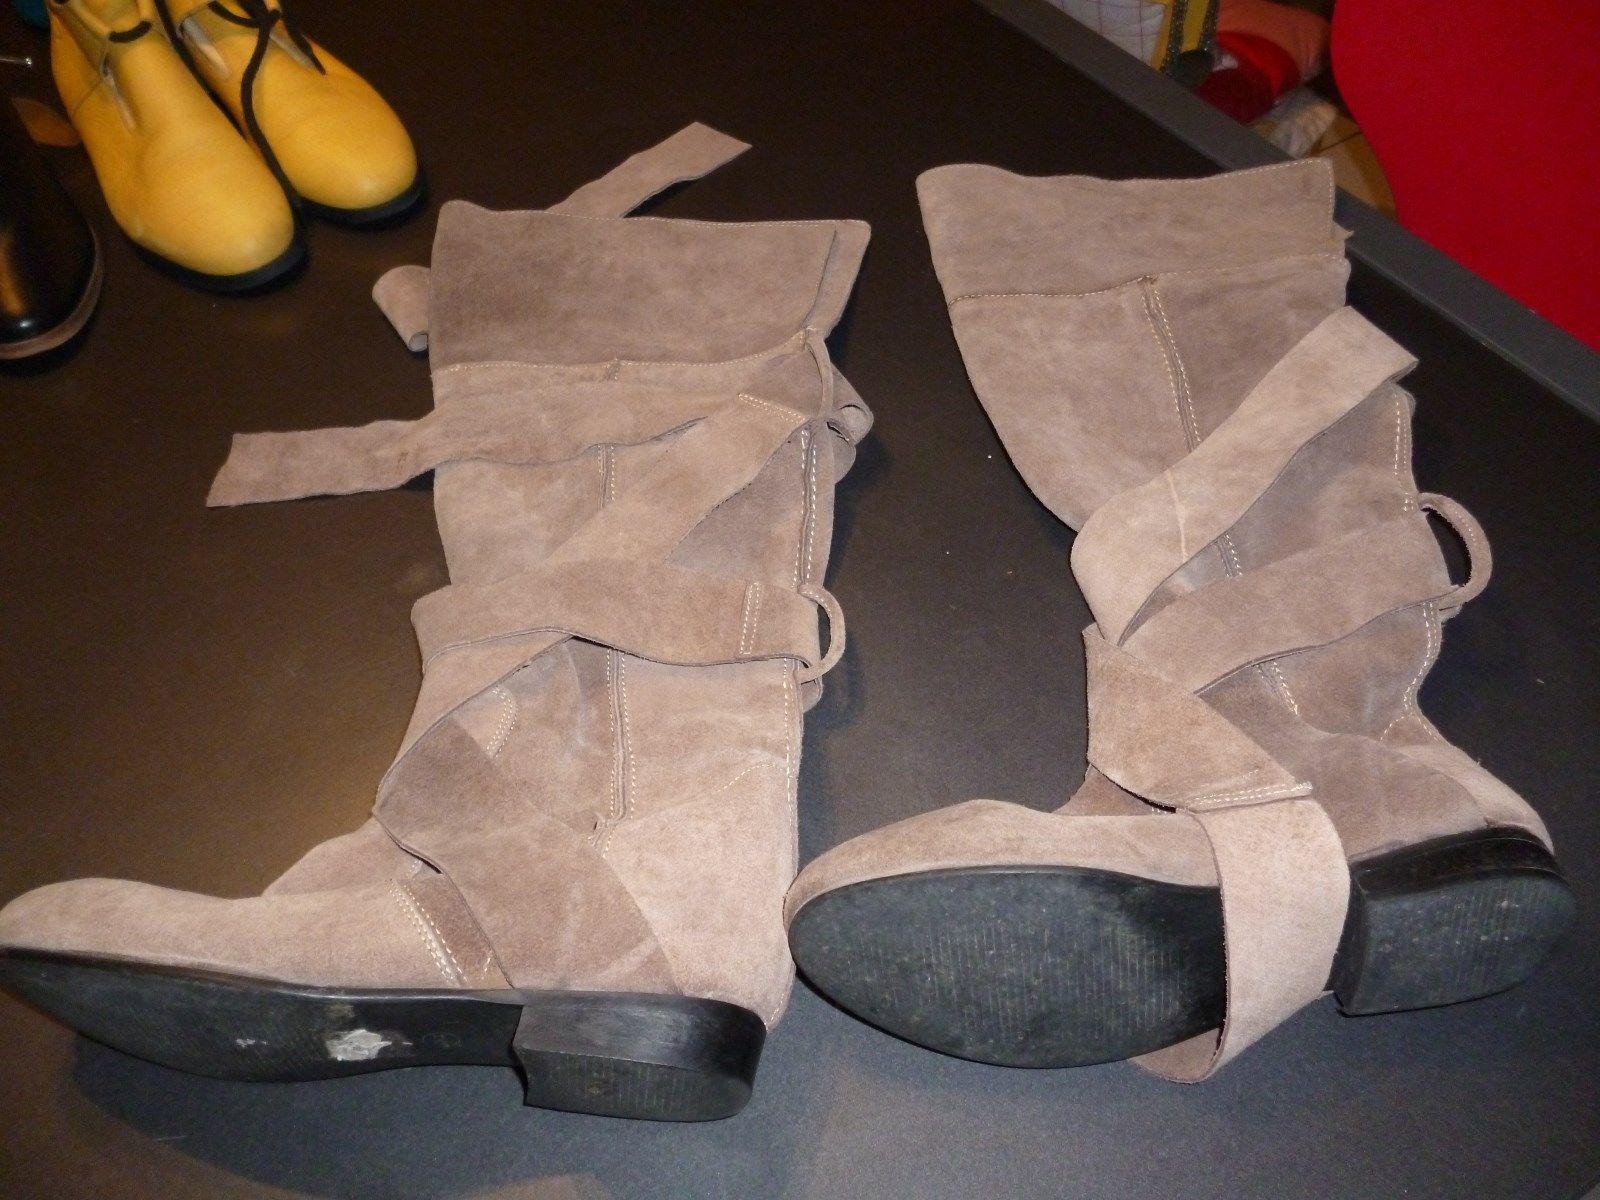 bottes mollets lacets daim beige rare bata rares qualité 5RL3A4j